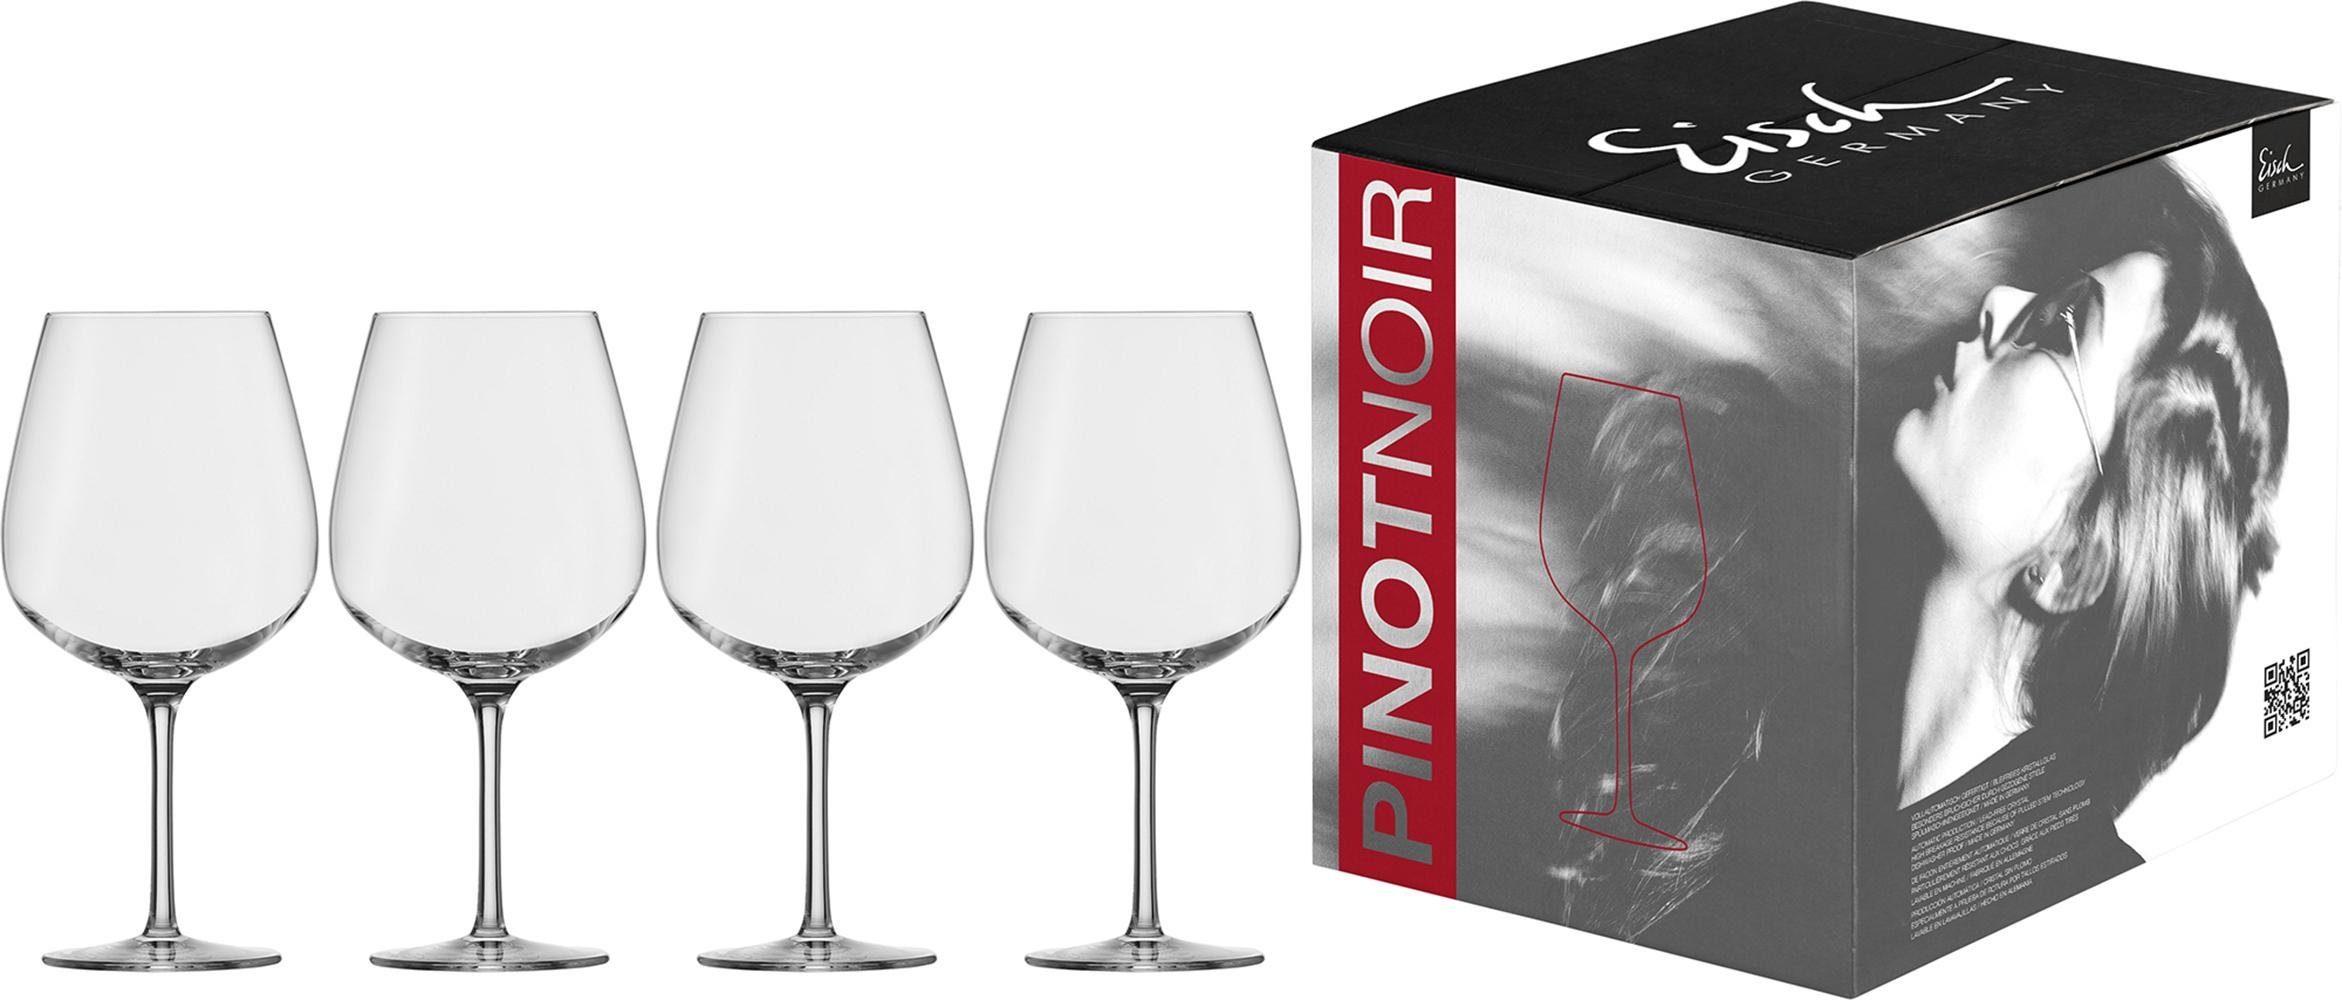 Eisch Rotweinglas Vinezza, (Set, 4 tlg.), bleifreies Kristallglas, 735 ml farblos Kristallgläser Gläser Glaswaren Haushaltswaren